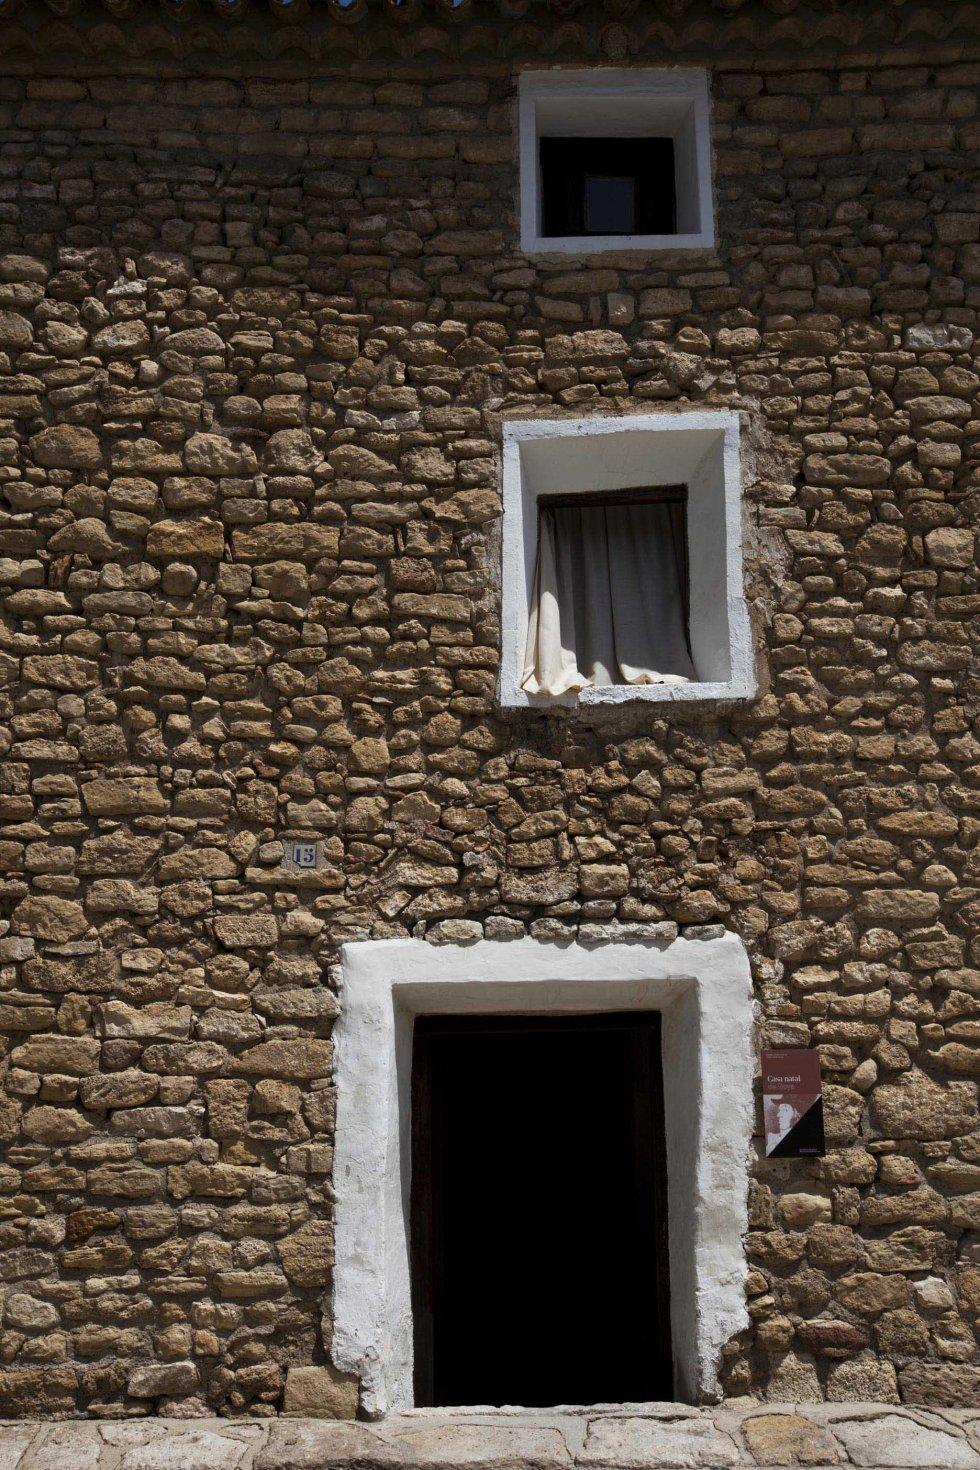 La ciudad vieja de Belchite, en imágenes